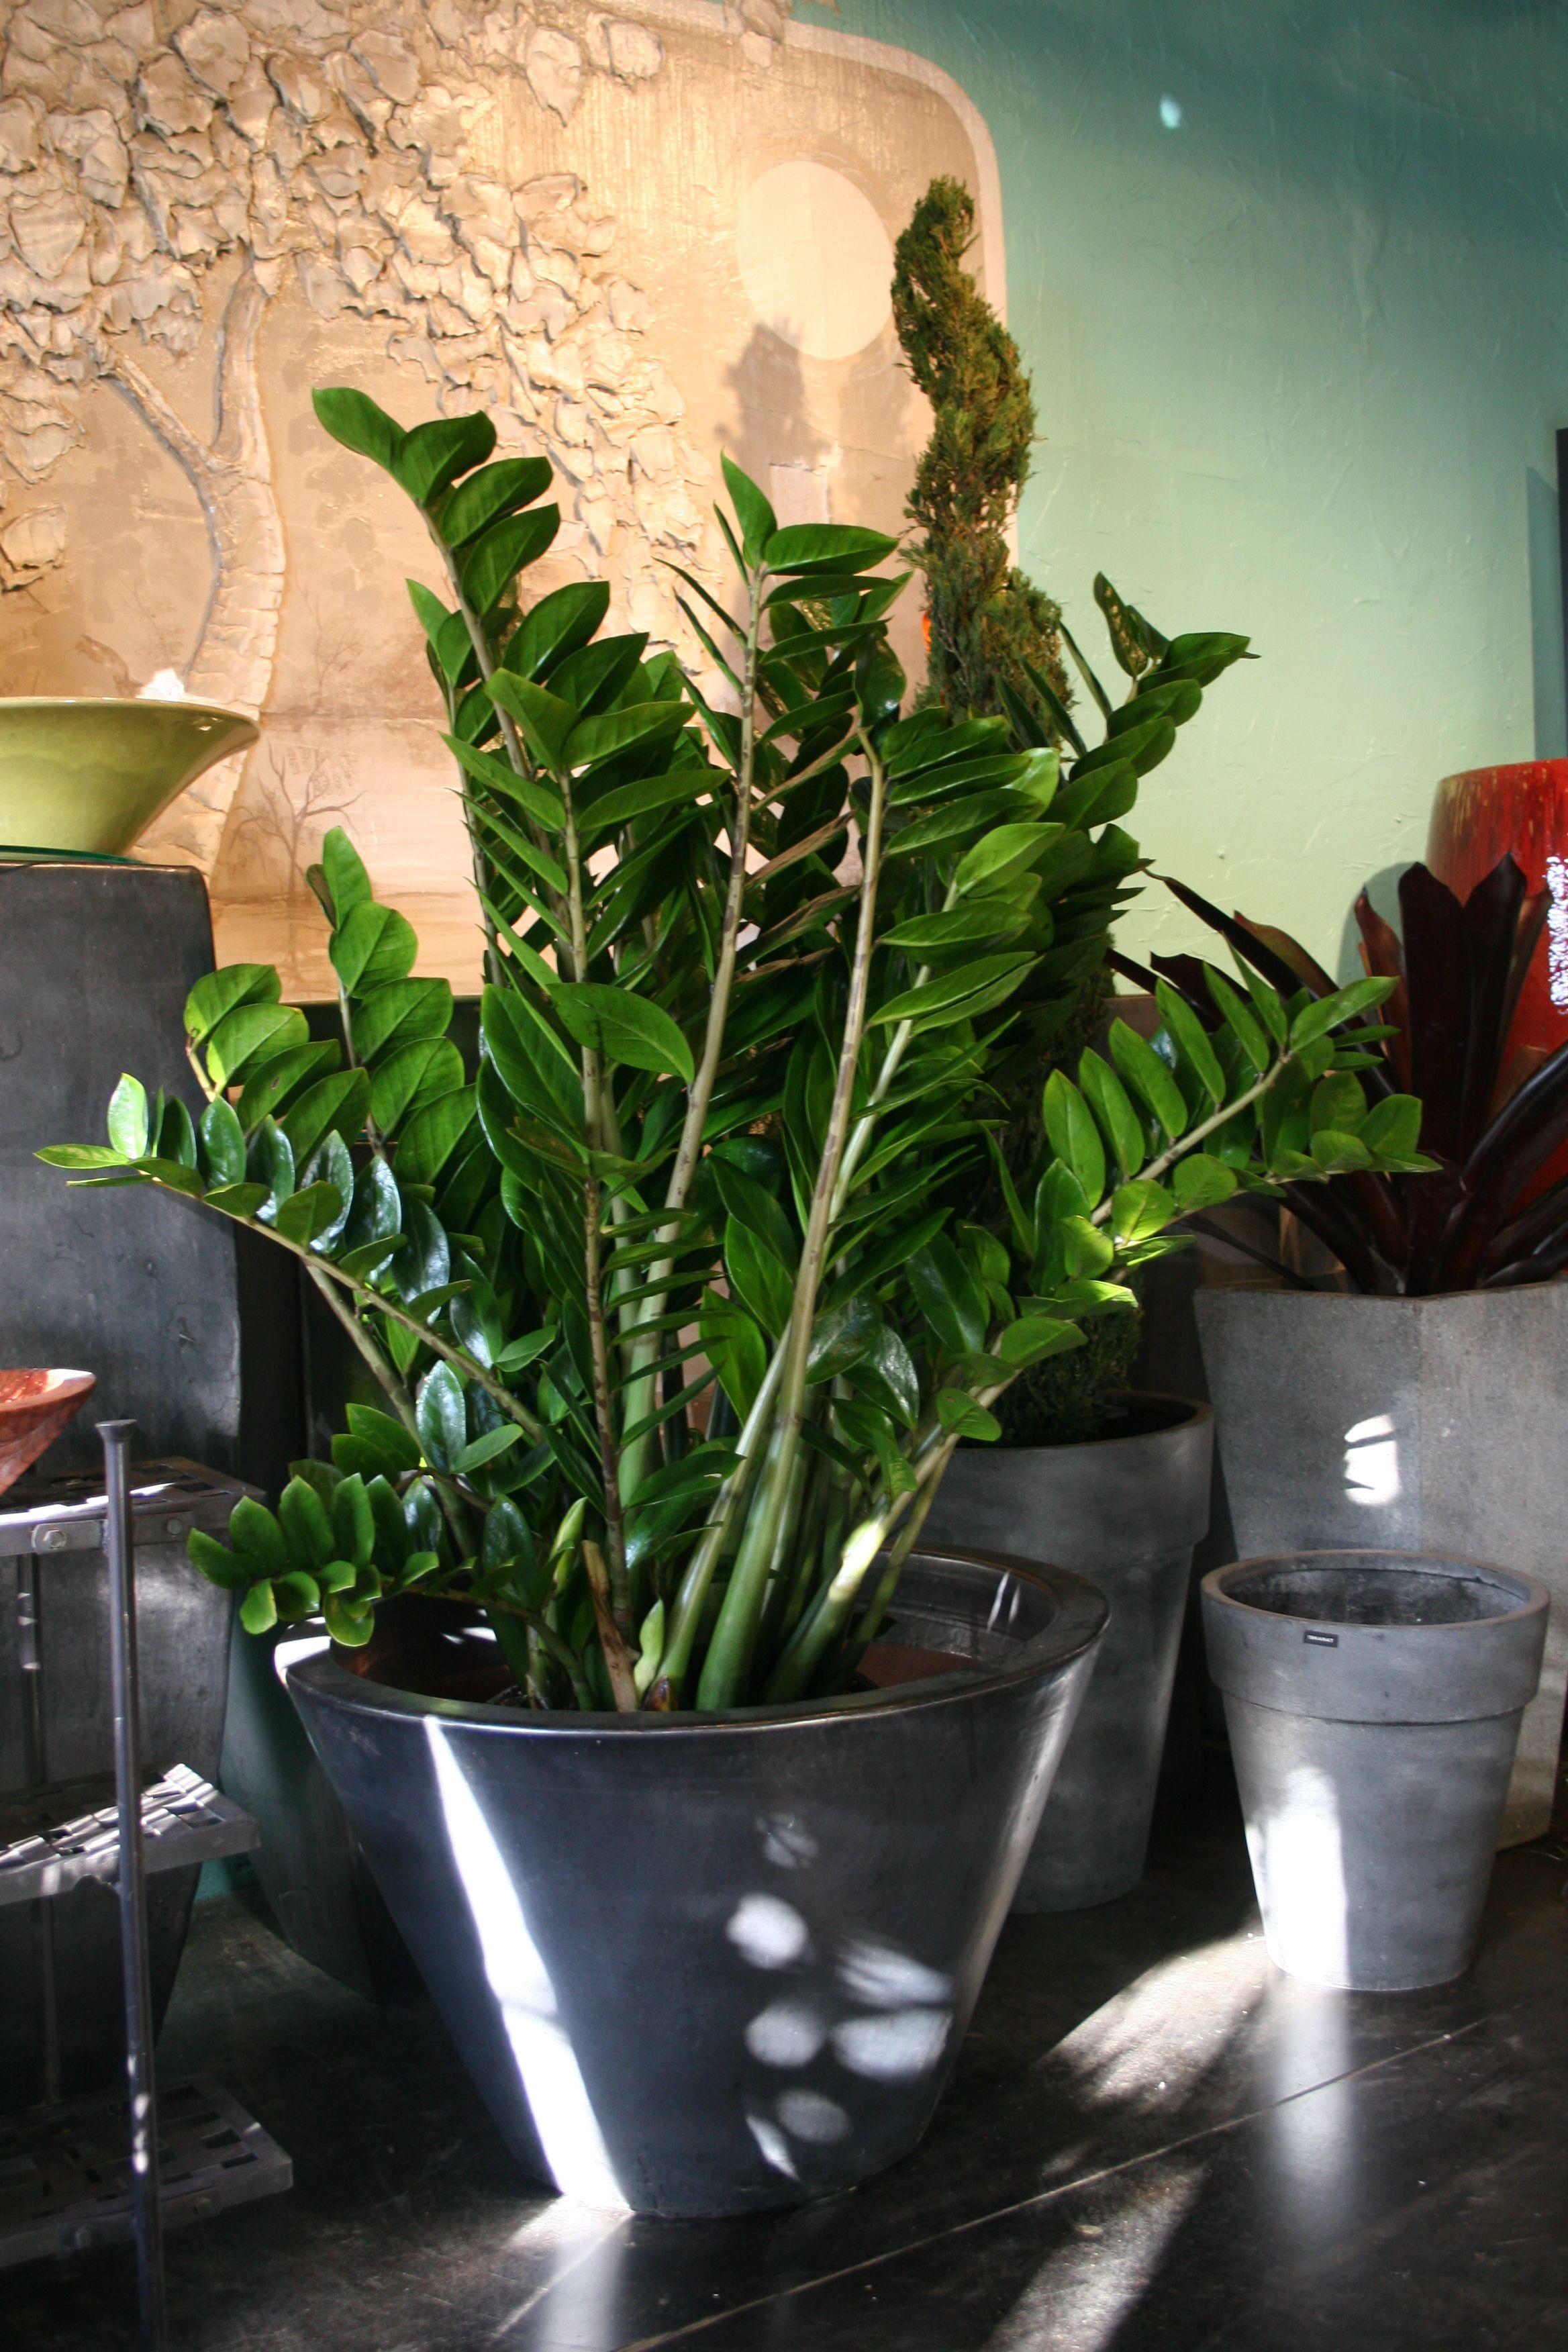 Zz Plant, Gray Pot I Want It